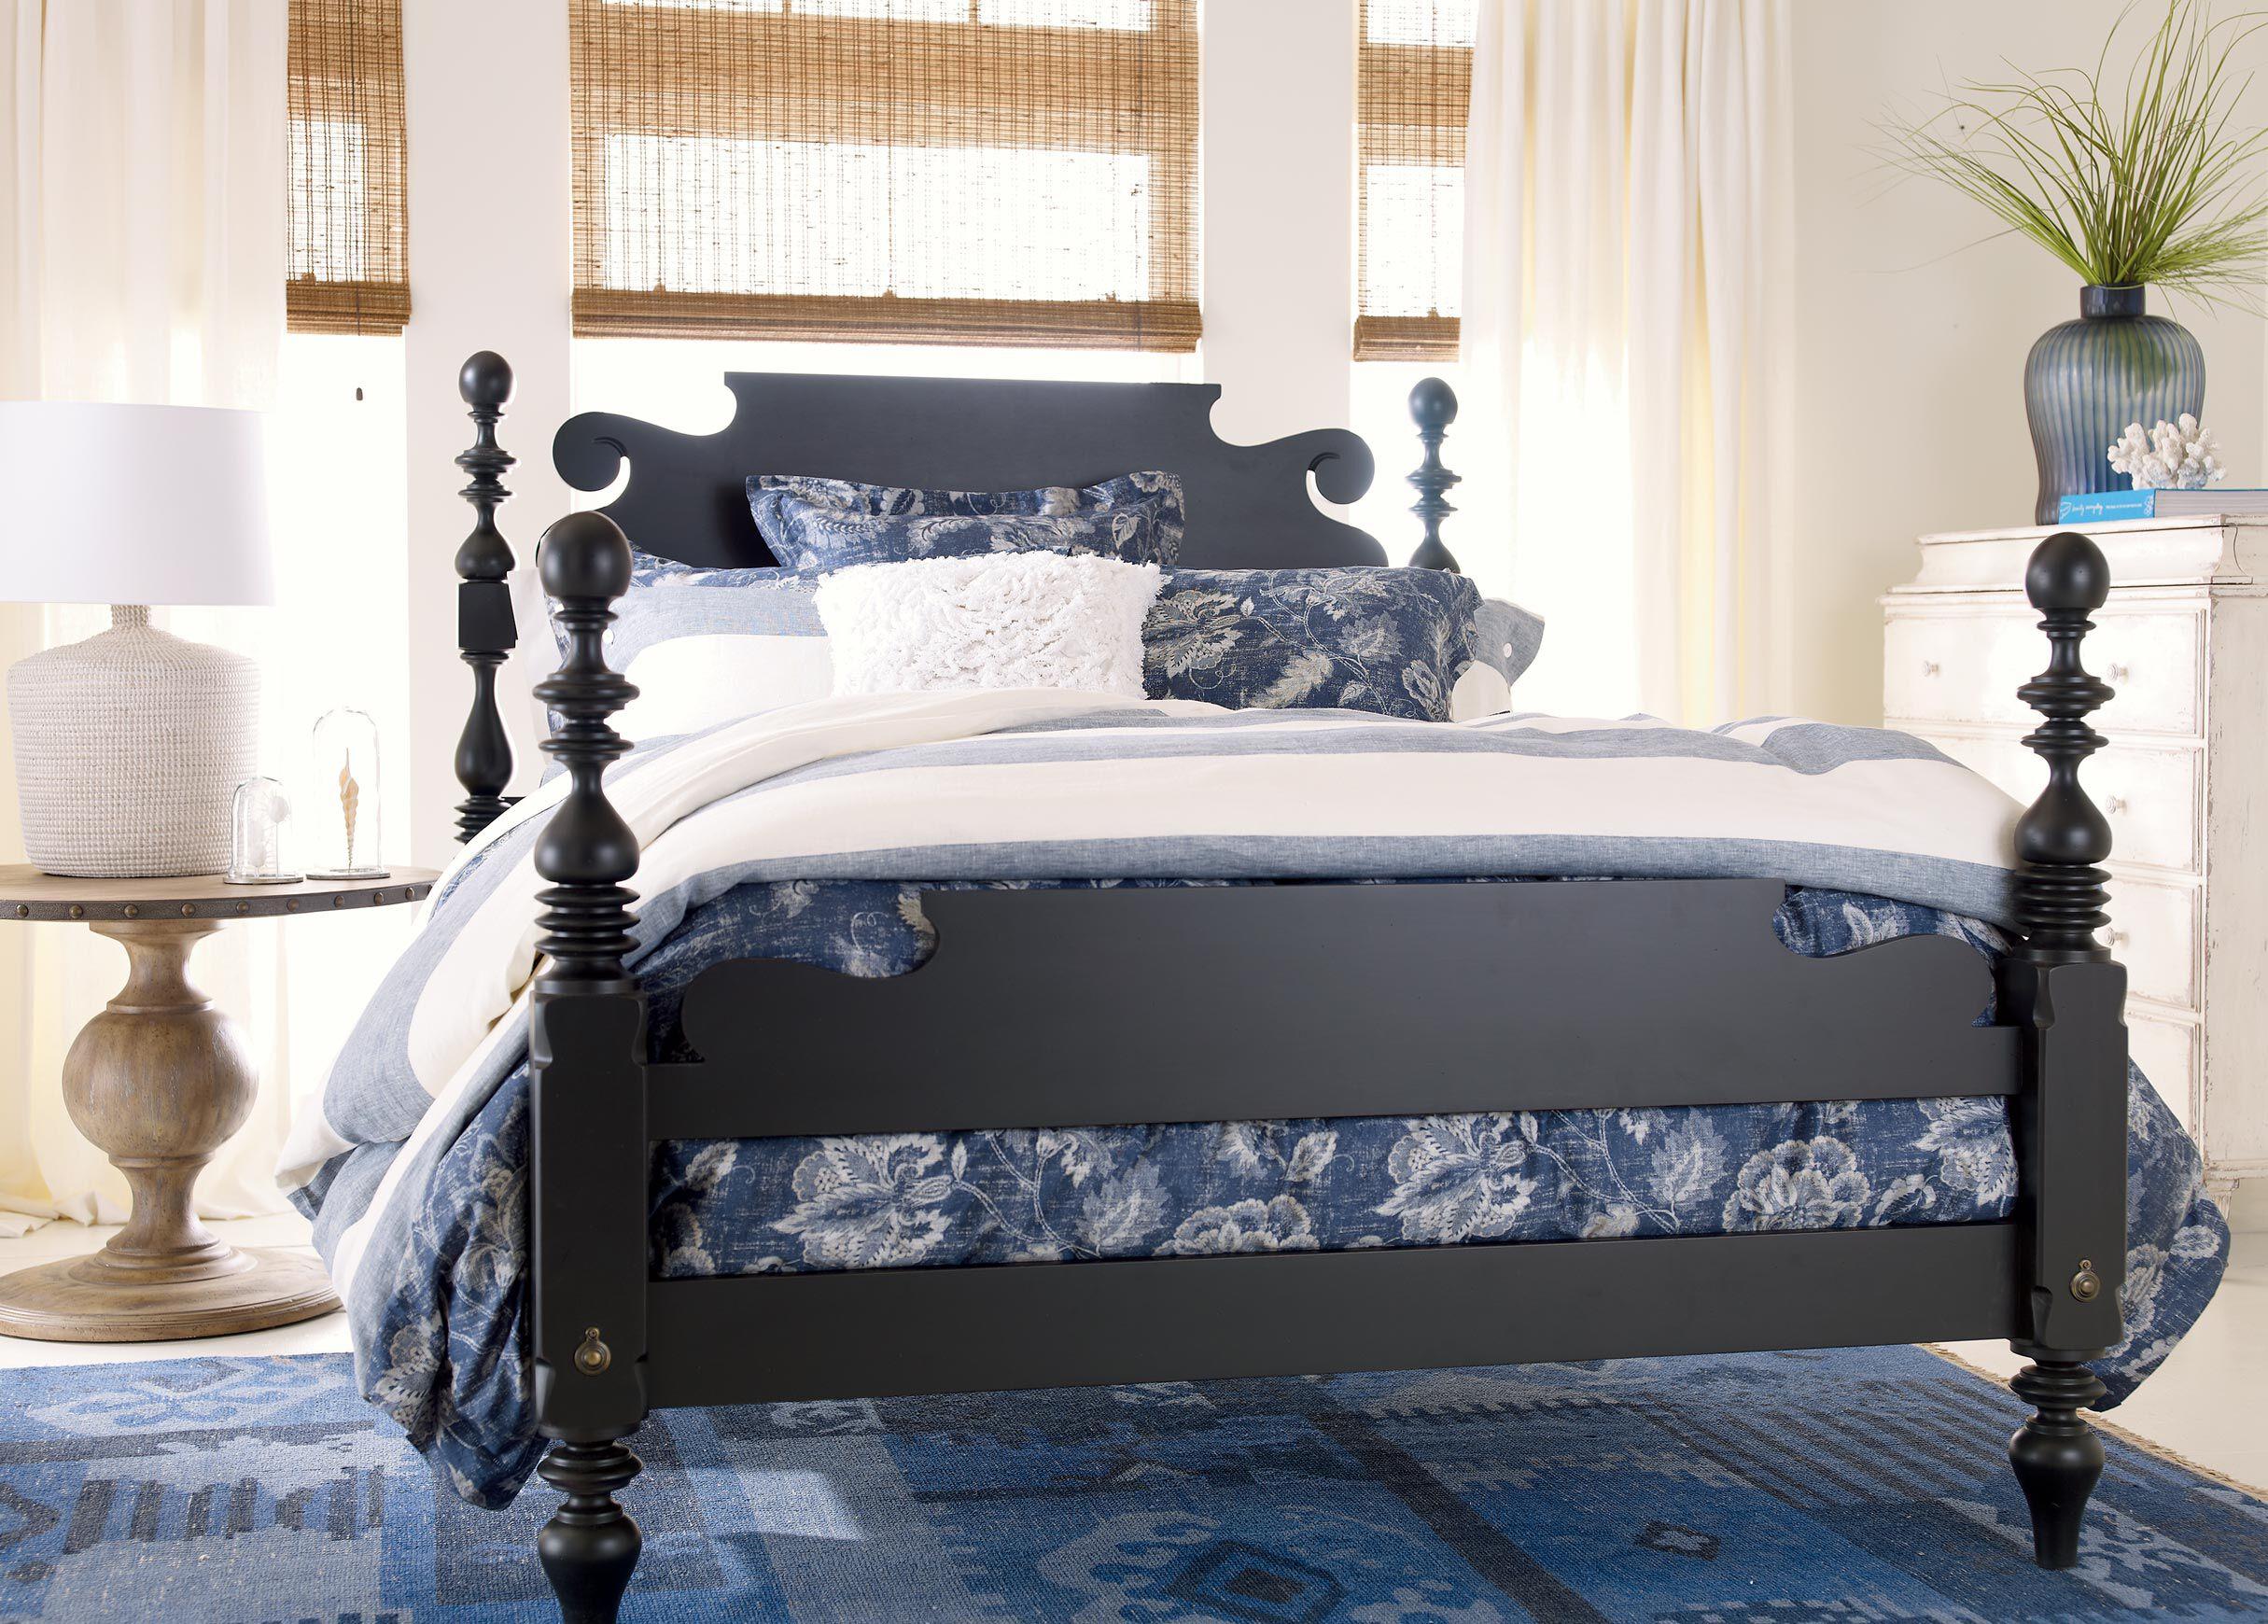 quincy bed ethan allen beds ethan allen rh ethanallen com ethan allen bedroom furniture reviews ethan allen bedroom set dresser sale